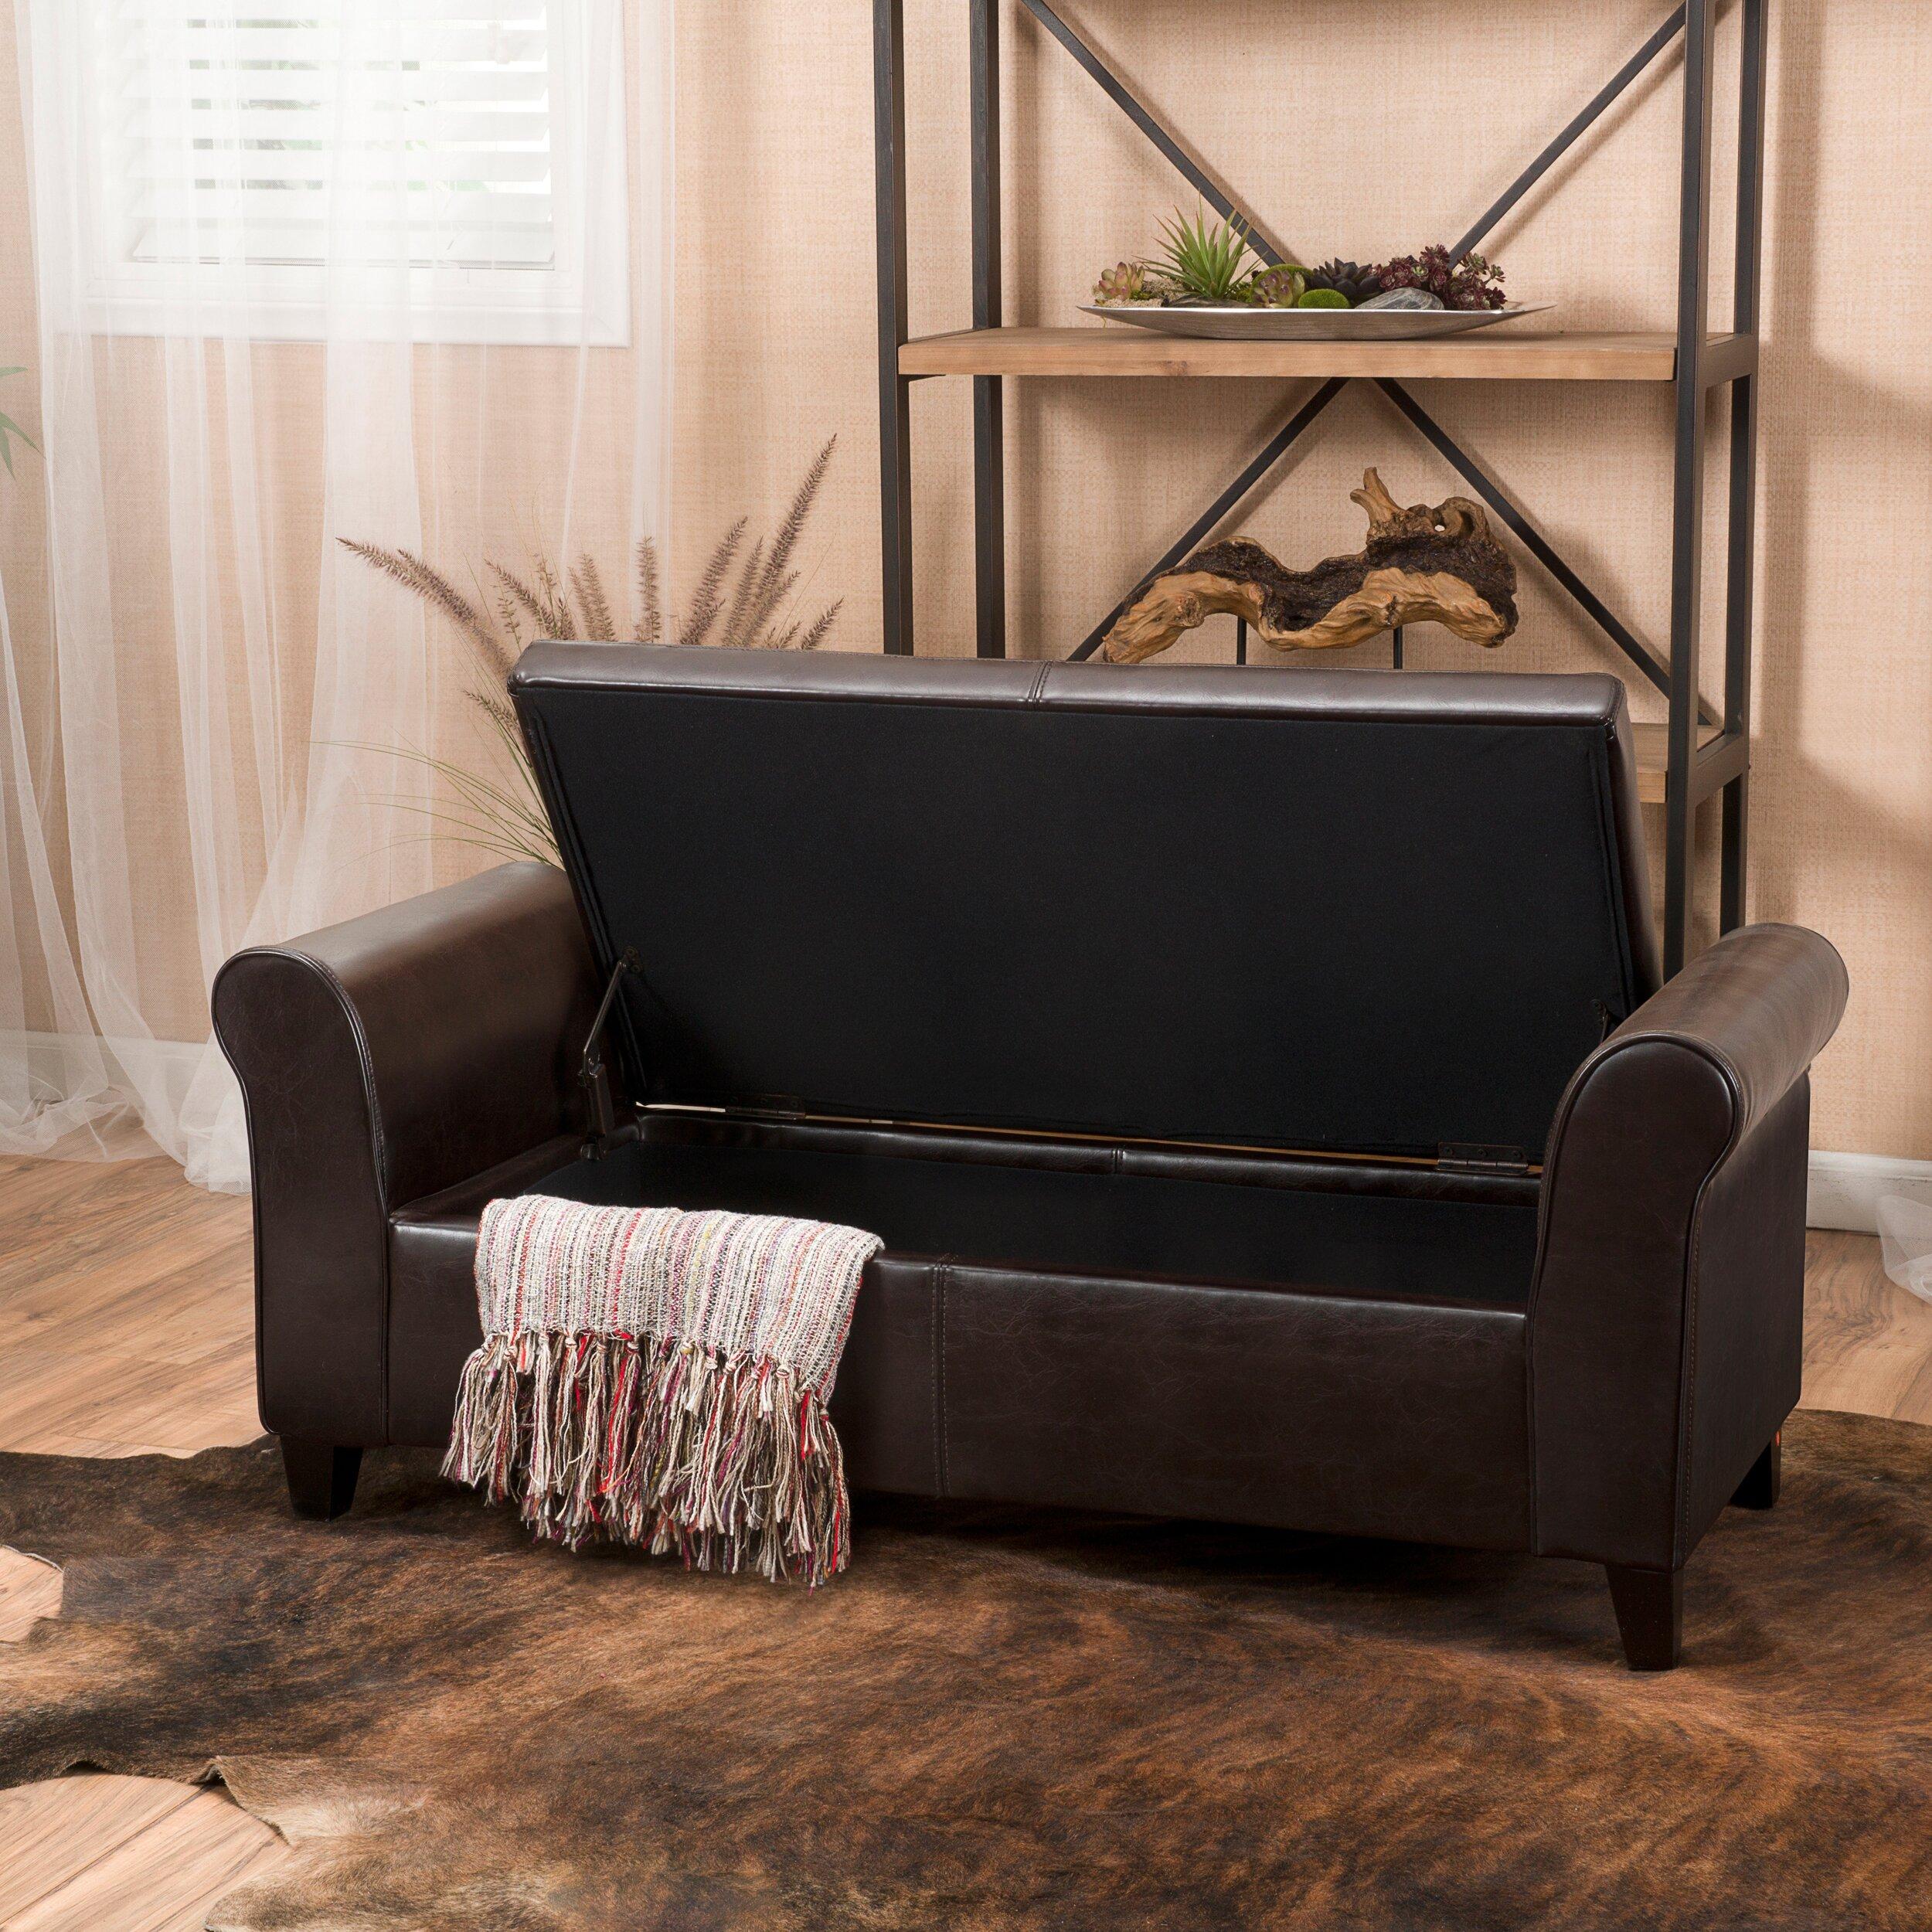 Varian Upholstered Storage Bedroom Bench Birchlane: Alcott Hill Varian Upholstered Storage Bedroom Bench